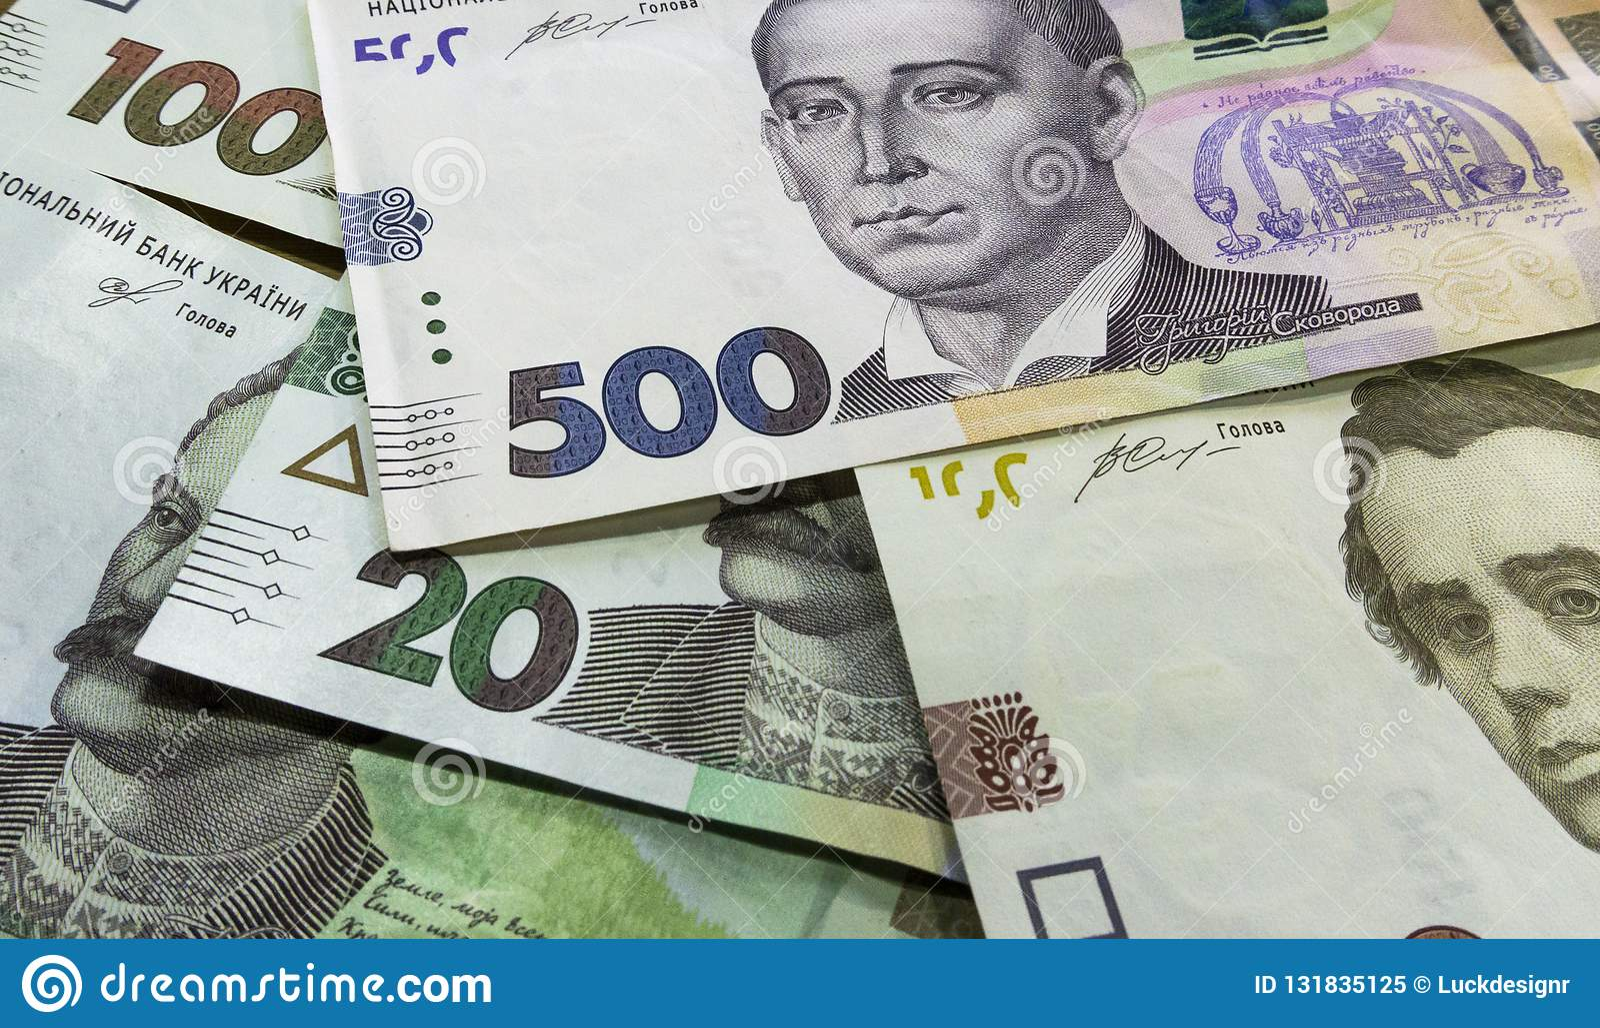 Tätt tävla upp av ukrainska pengar 100, grivnia 500 för design och idérika projekt